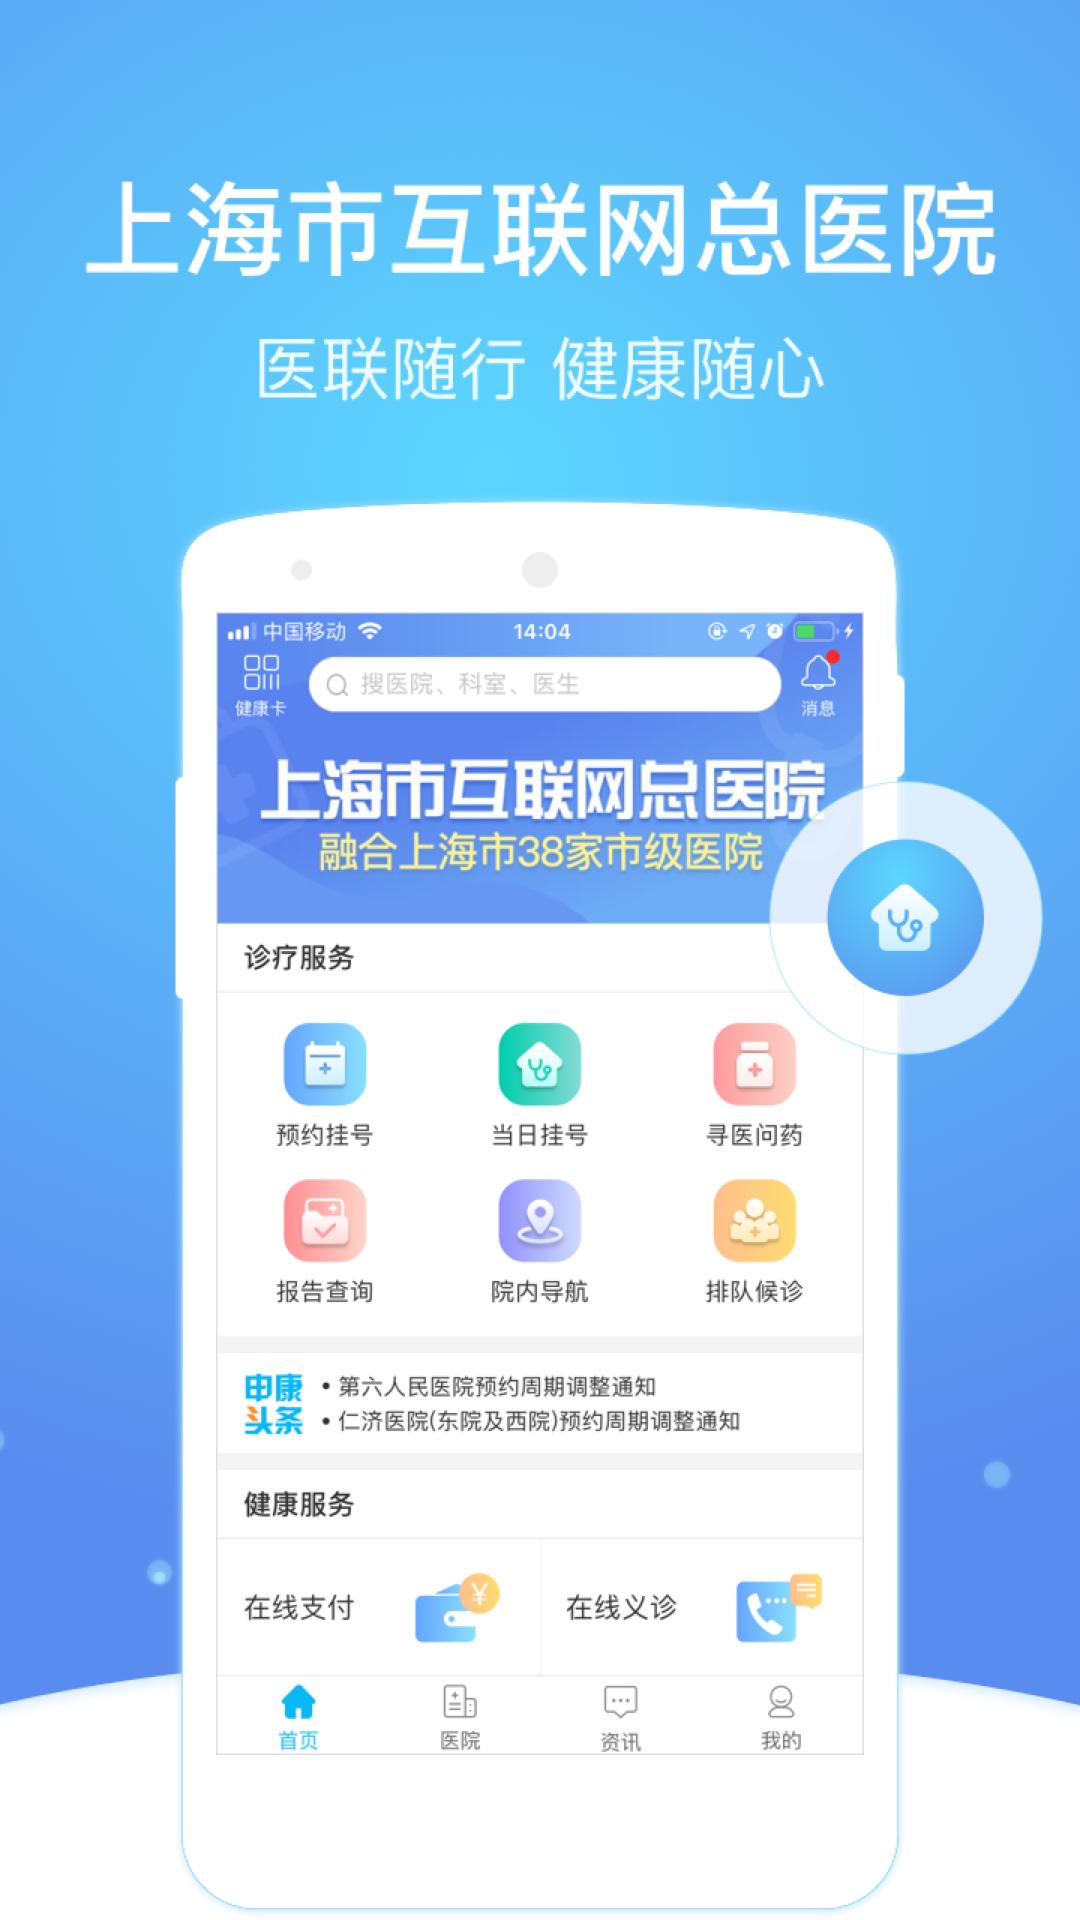 上海市互联网总医院(4)